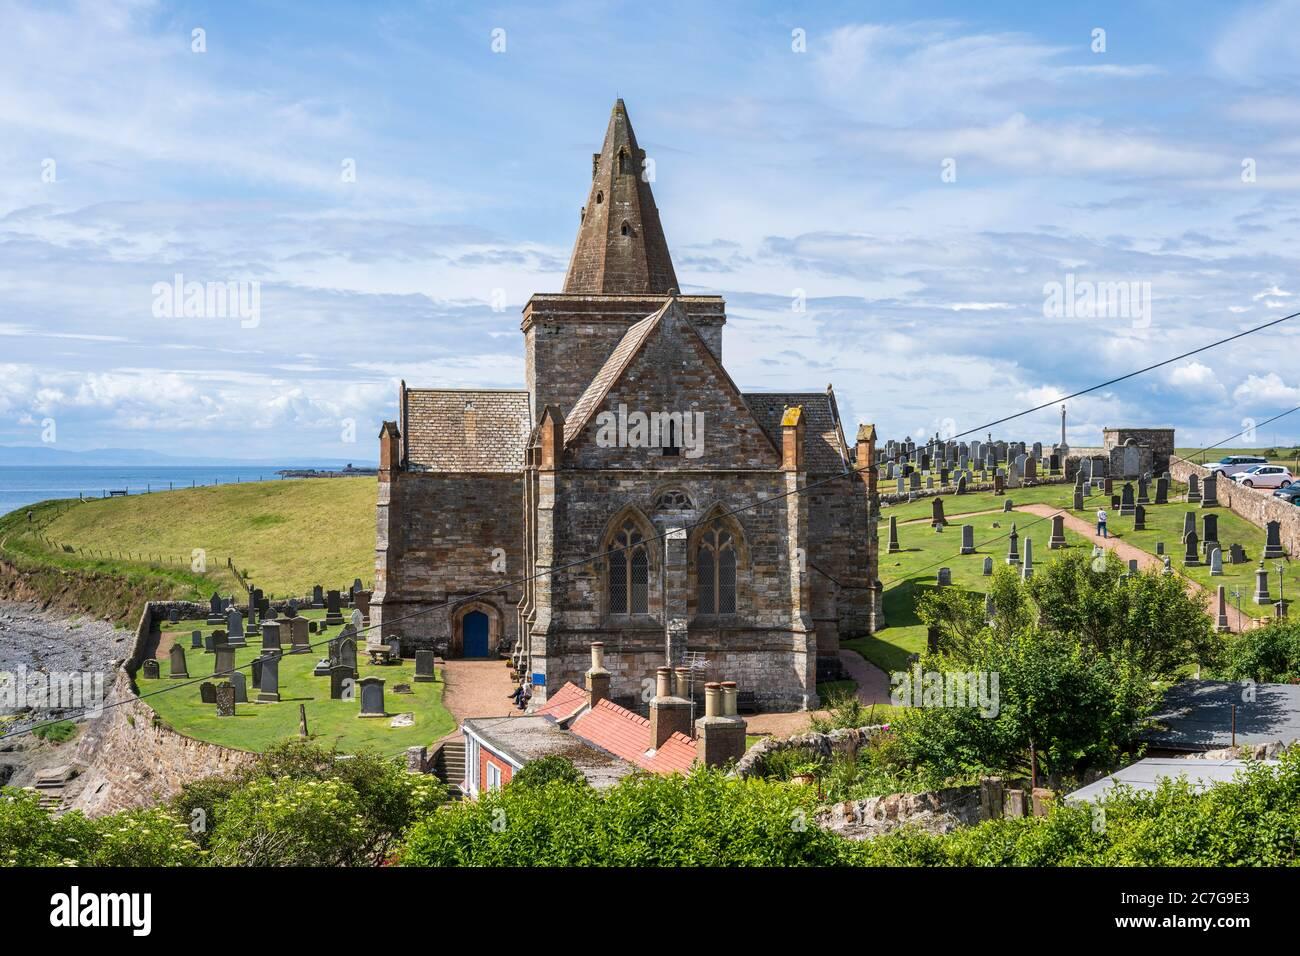 St Monans Parroquia de St Monans en East Neuk de Fife, Escocia, Reino Unido Foto de stock